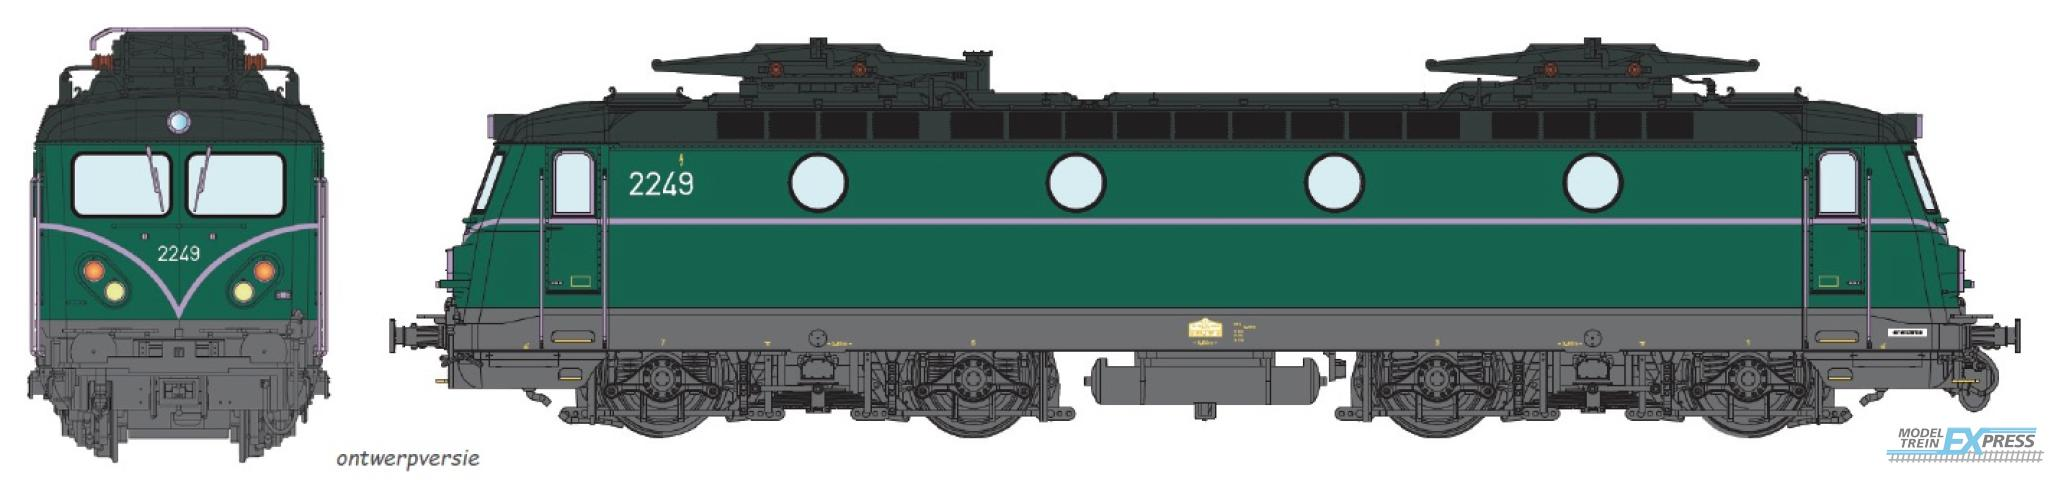 B-Models 3306.07